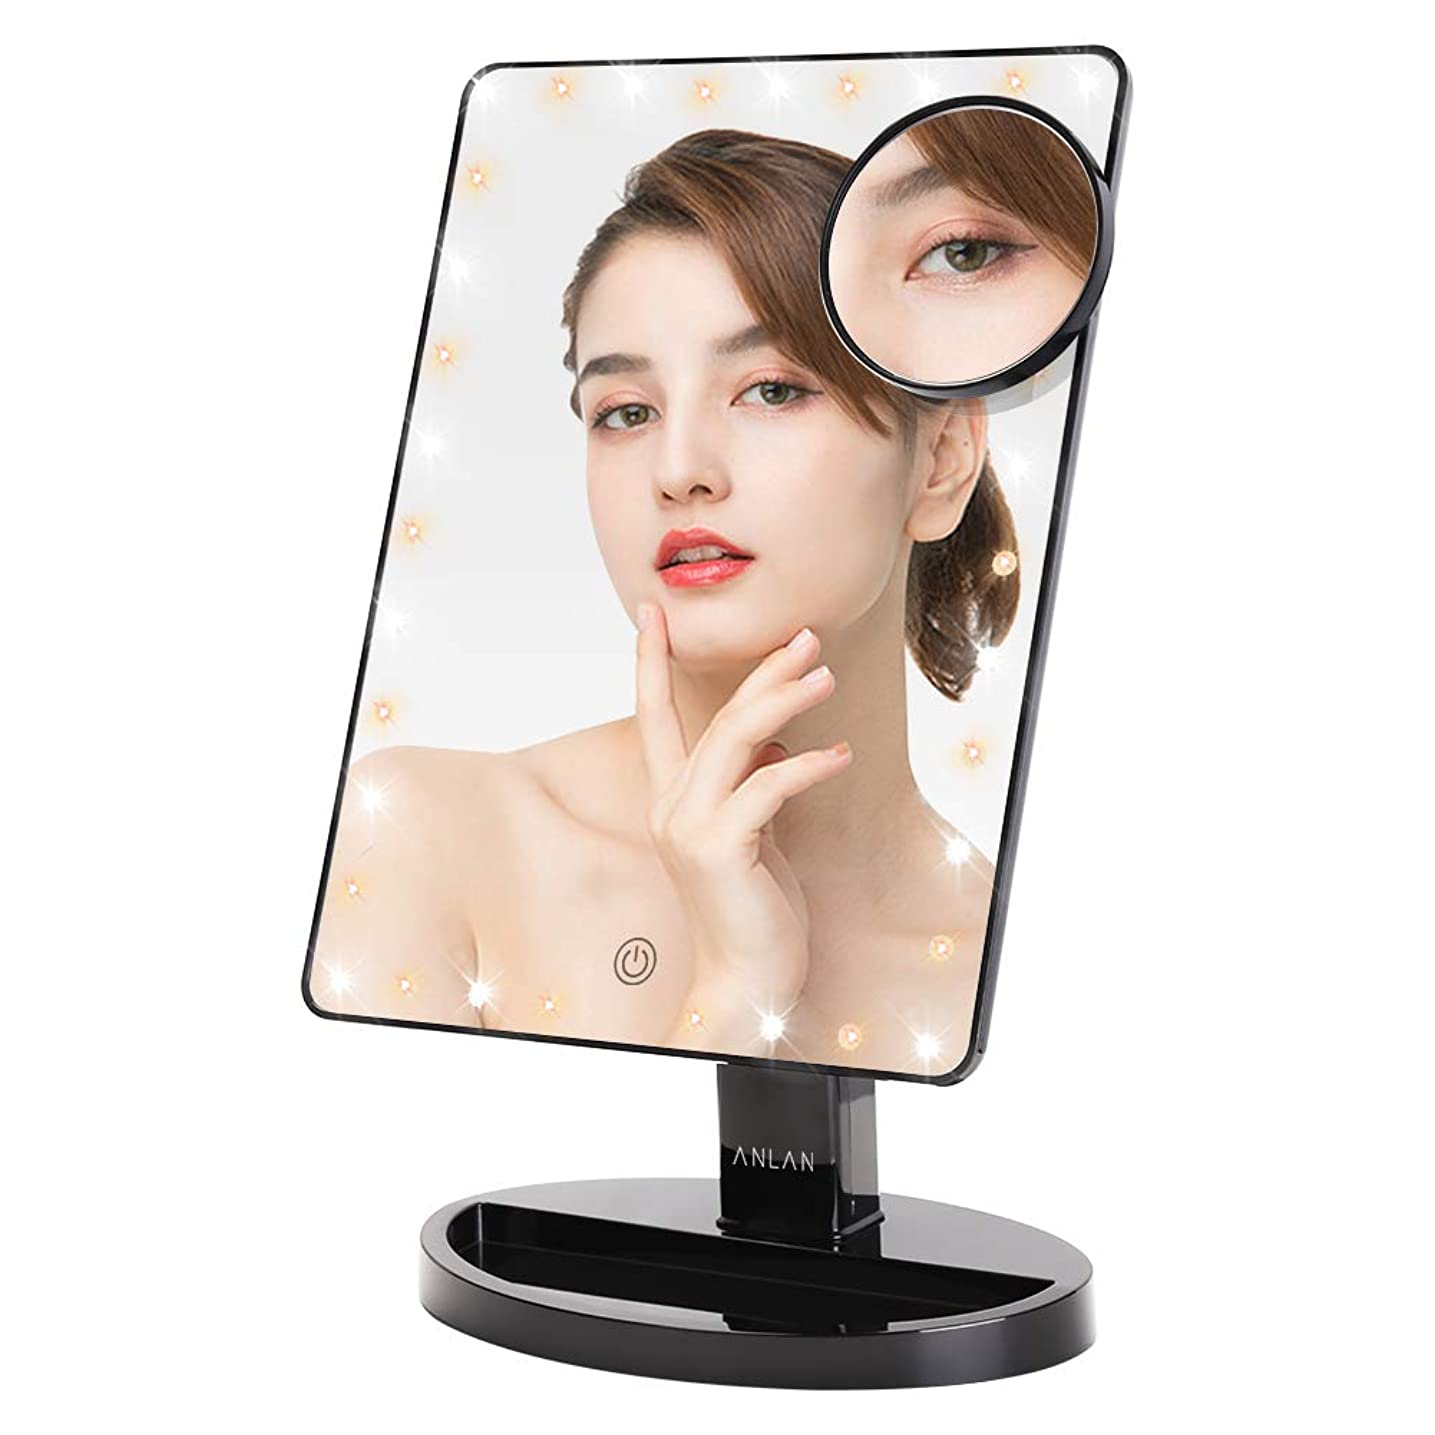 ピグマリオン余裕がある受信機卓上鏡 LED化粧鏡 ANLAN 女優ミラー 10倍拡大鏡付き スタンド 明るさ調節可能 360°回転式 前後180°無階段調整 USB/単三電池給電